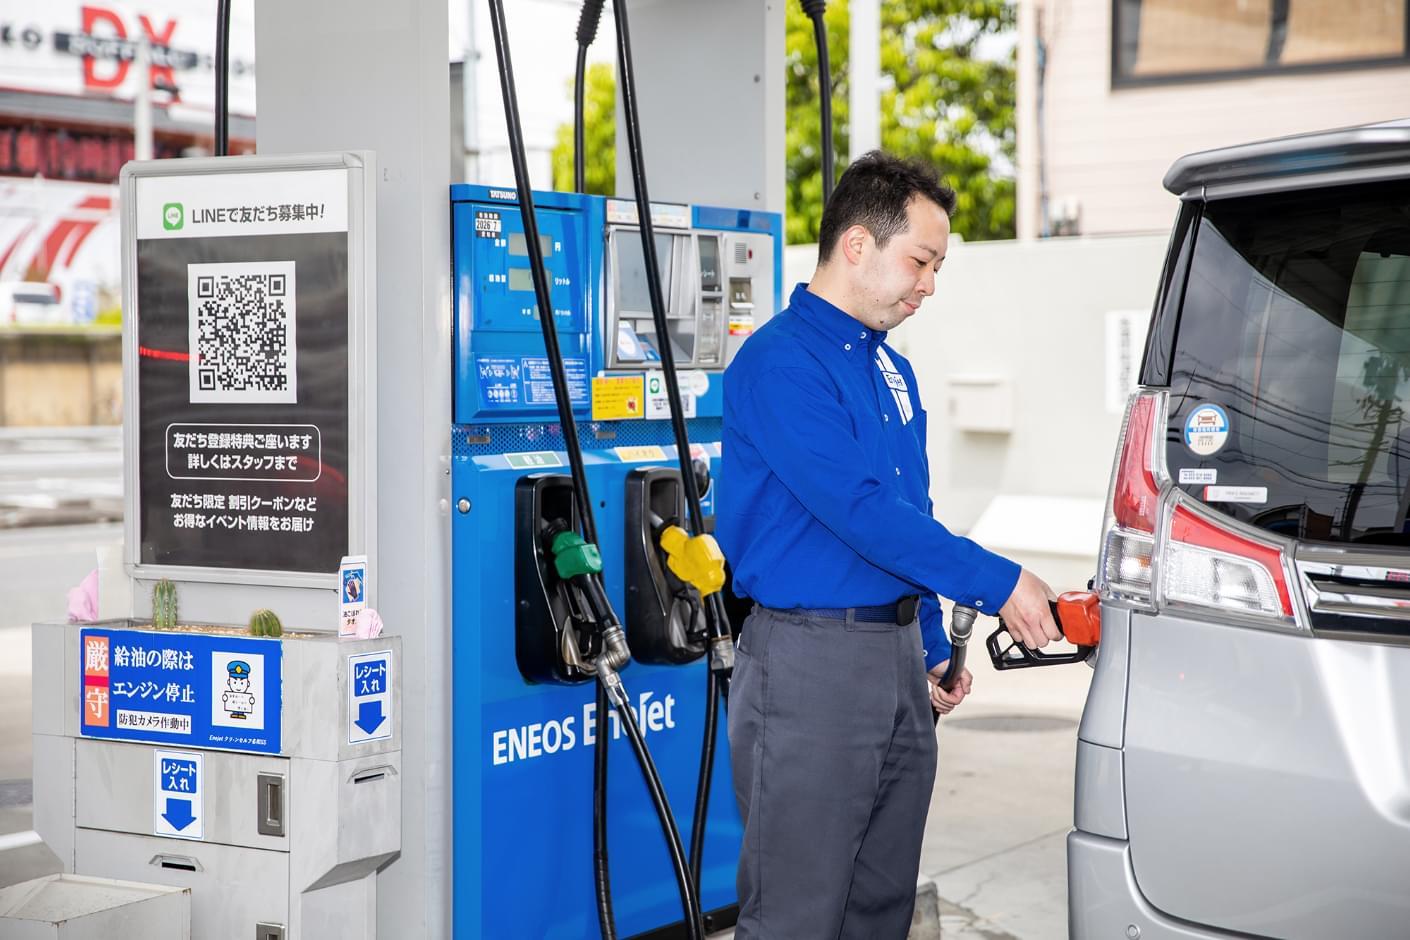 ニイミ産業が運営するガソリンスタンド